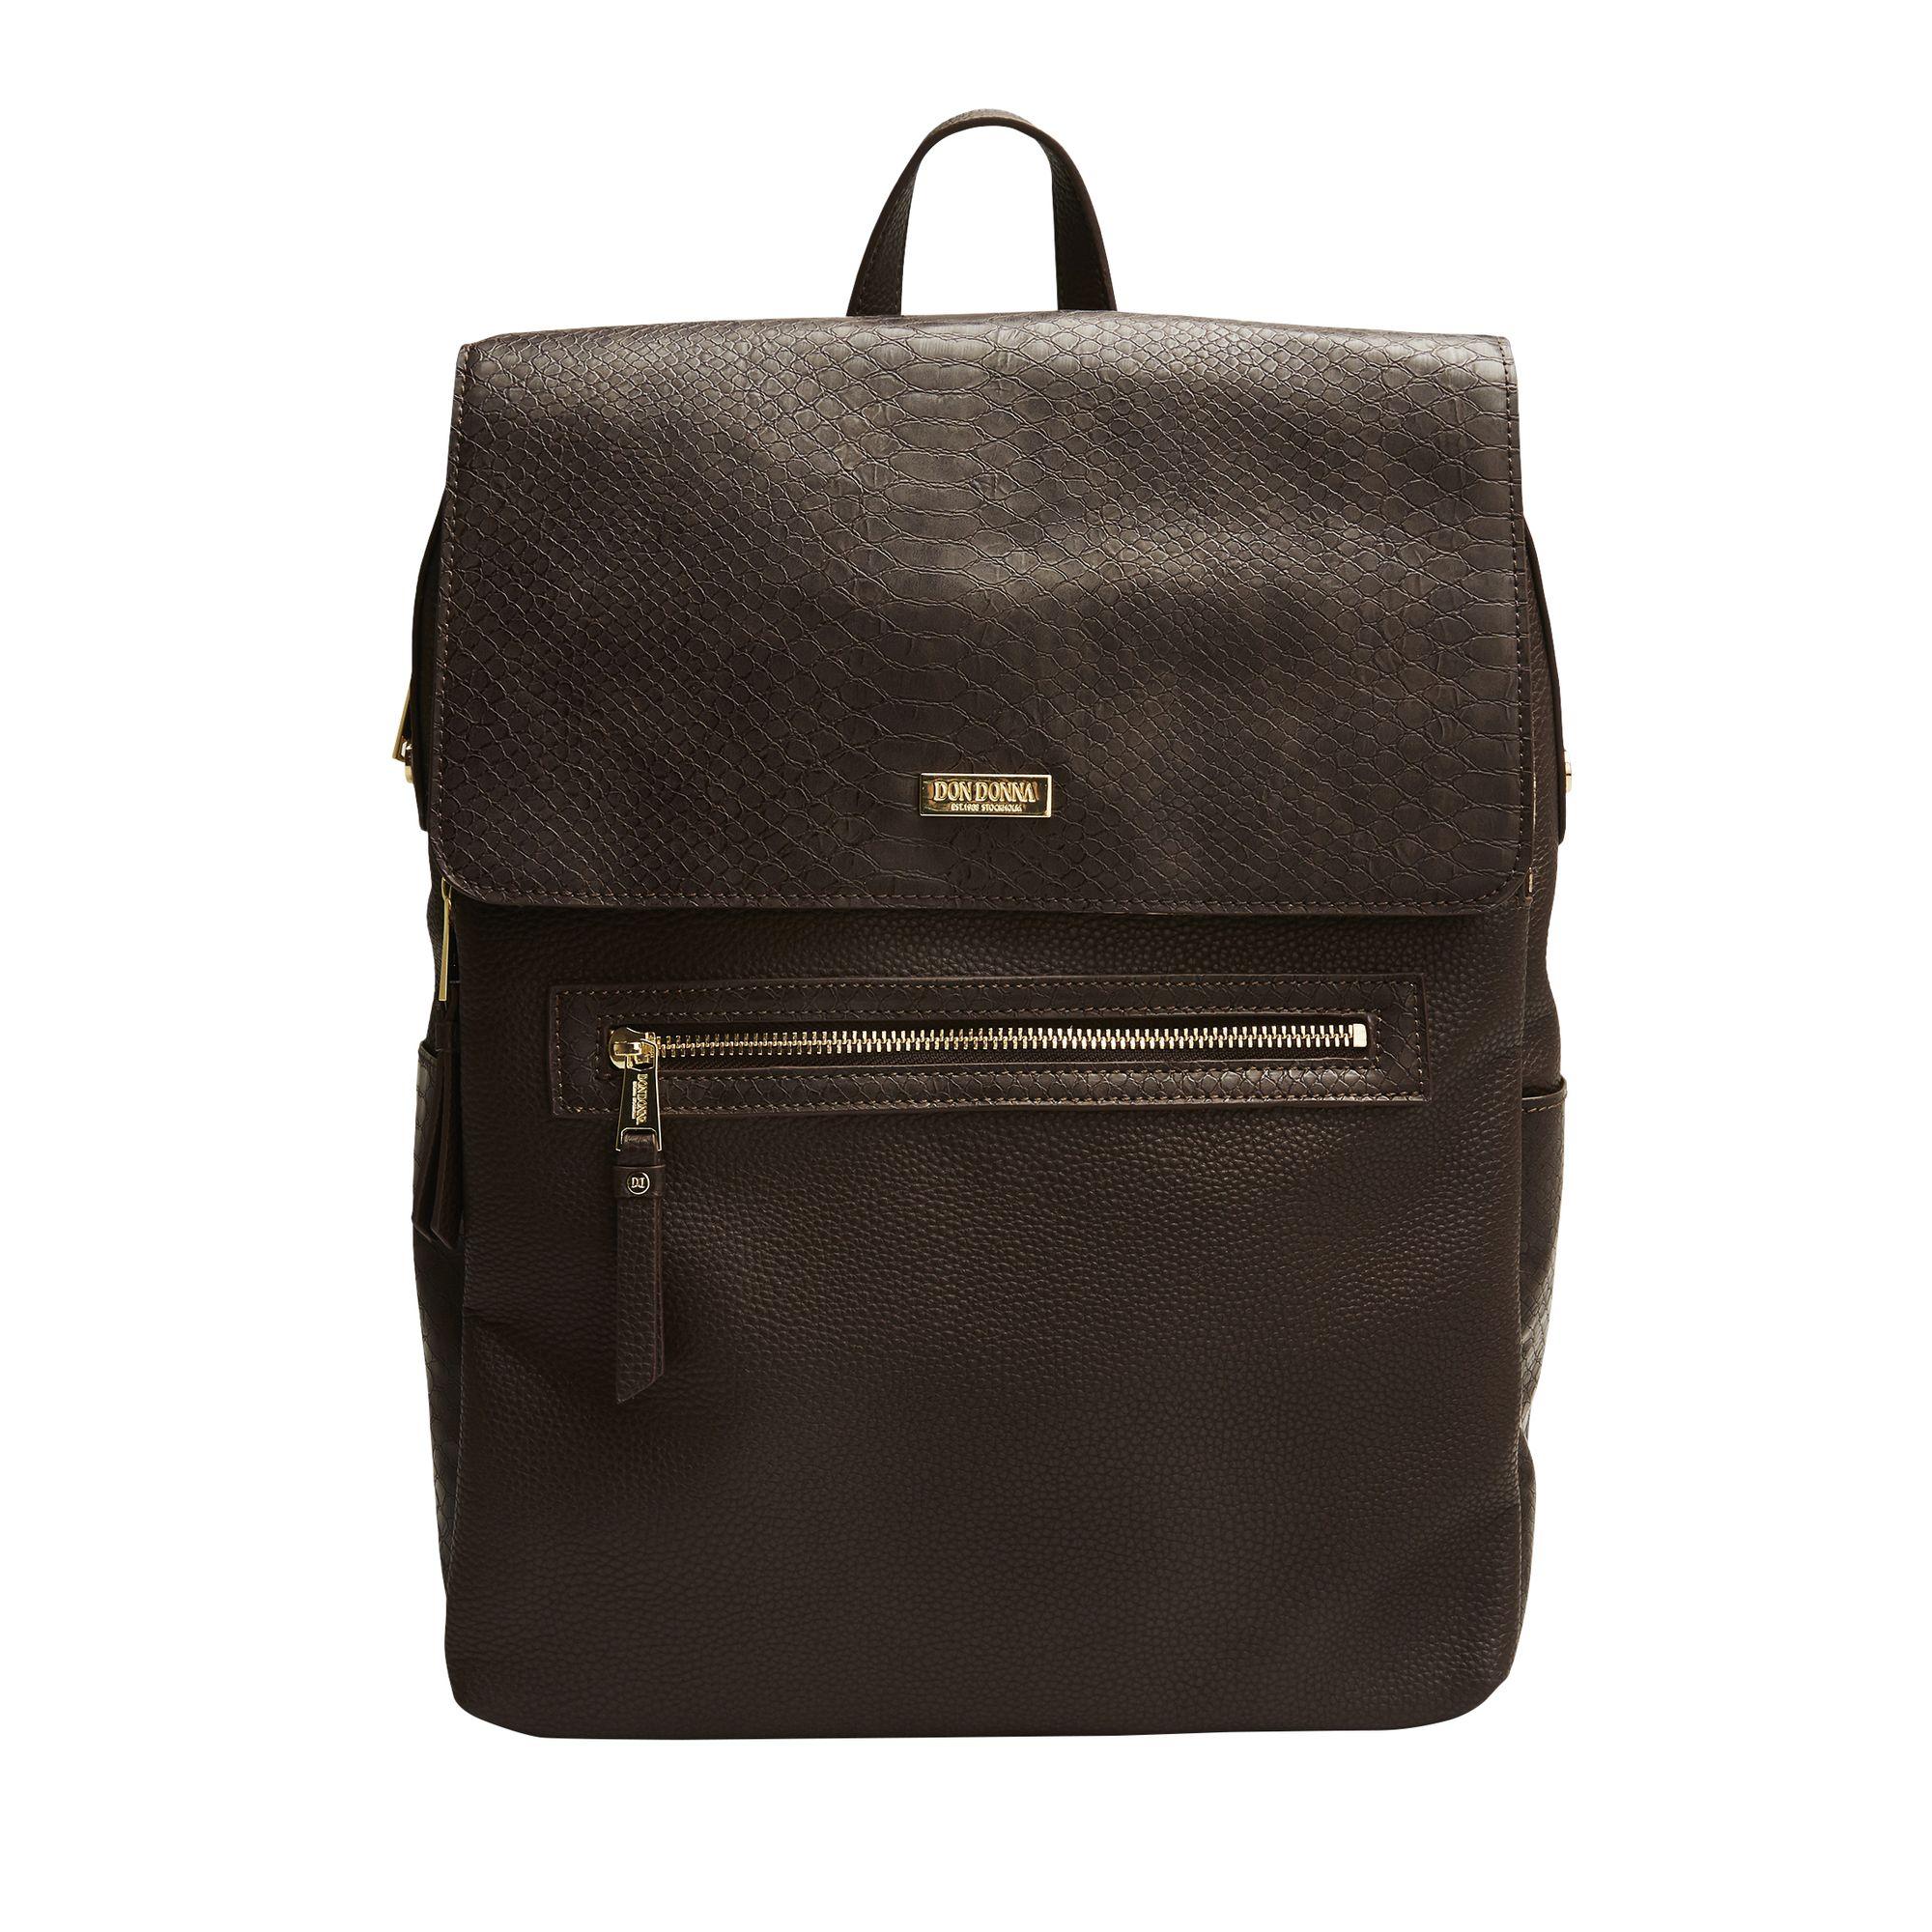 Handla väskor från Don Donna online: Don Donna Enya ryggsäck